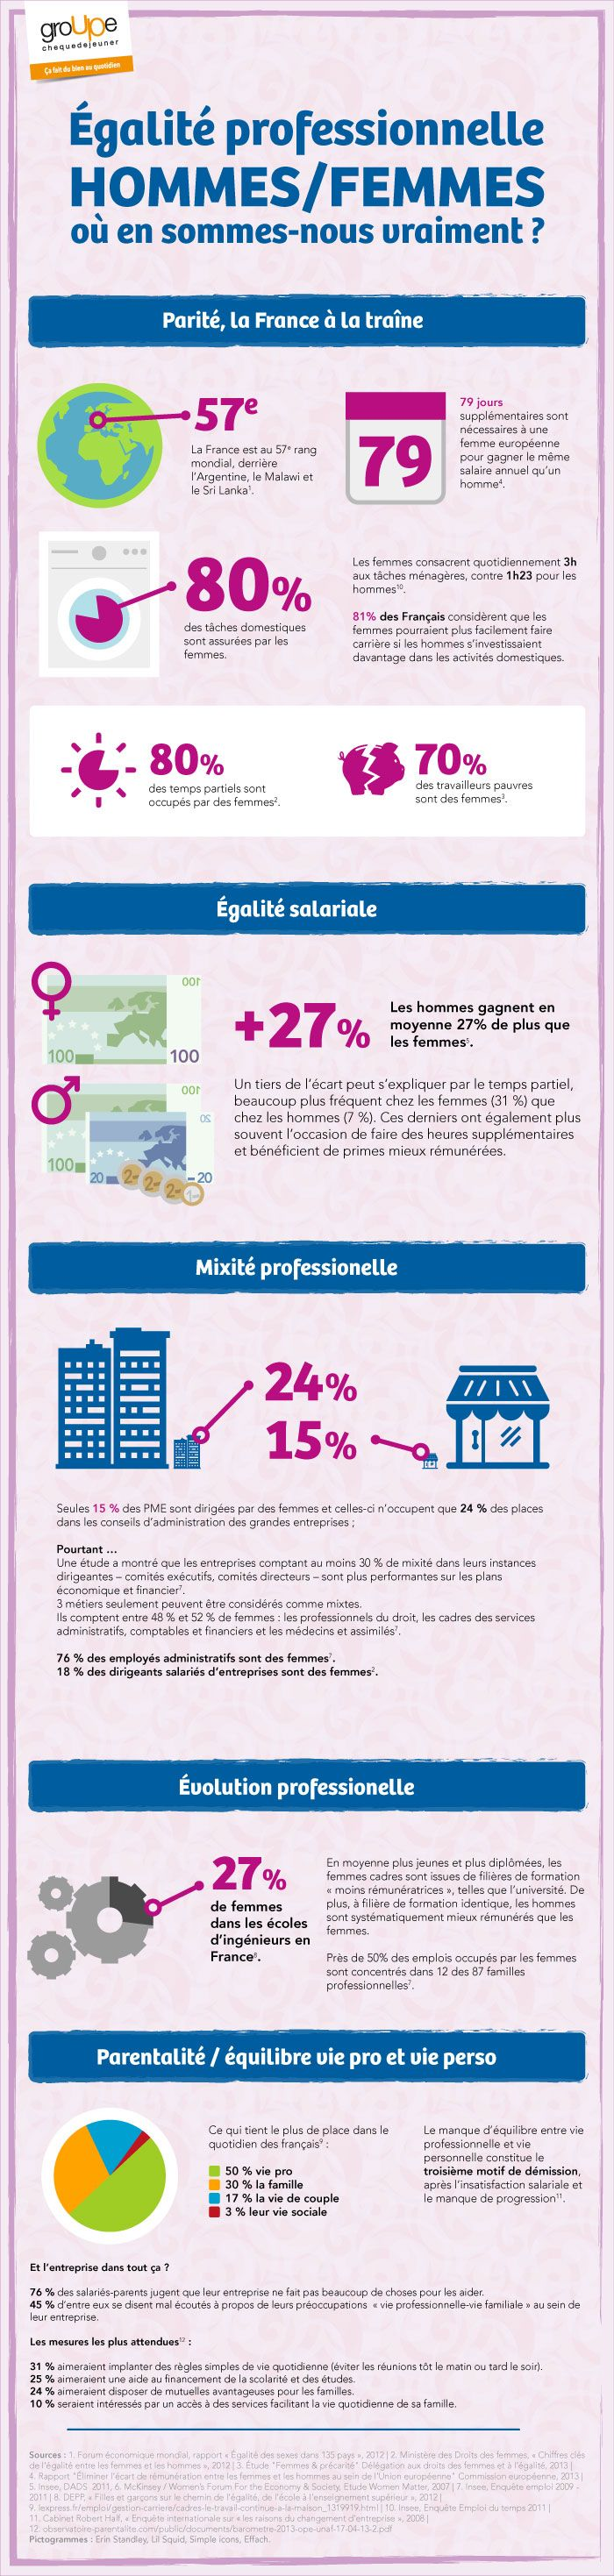 #Égalité professionnelle homme/femme : où en sommes-nous vraiment ? #RH #RSE